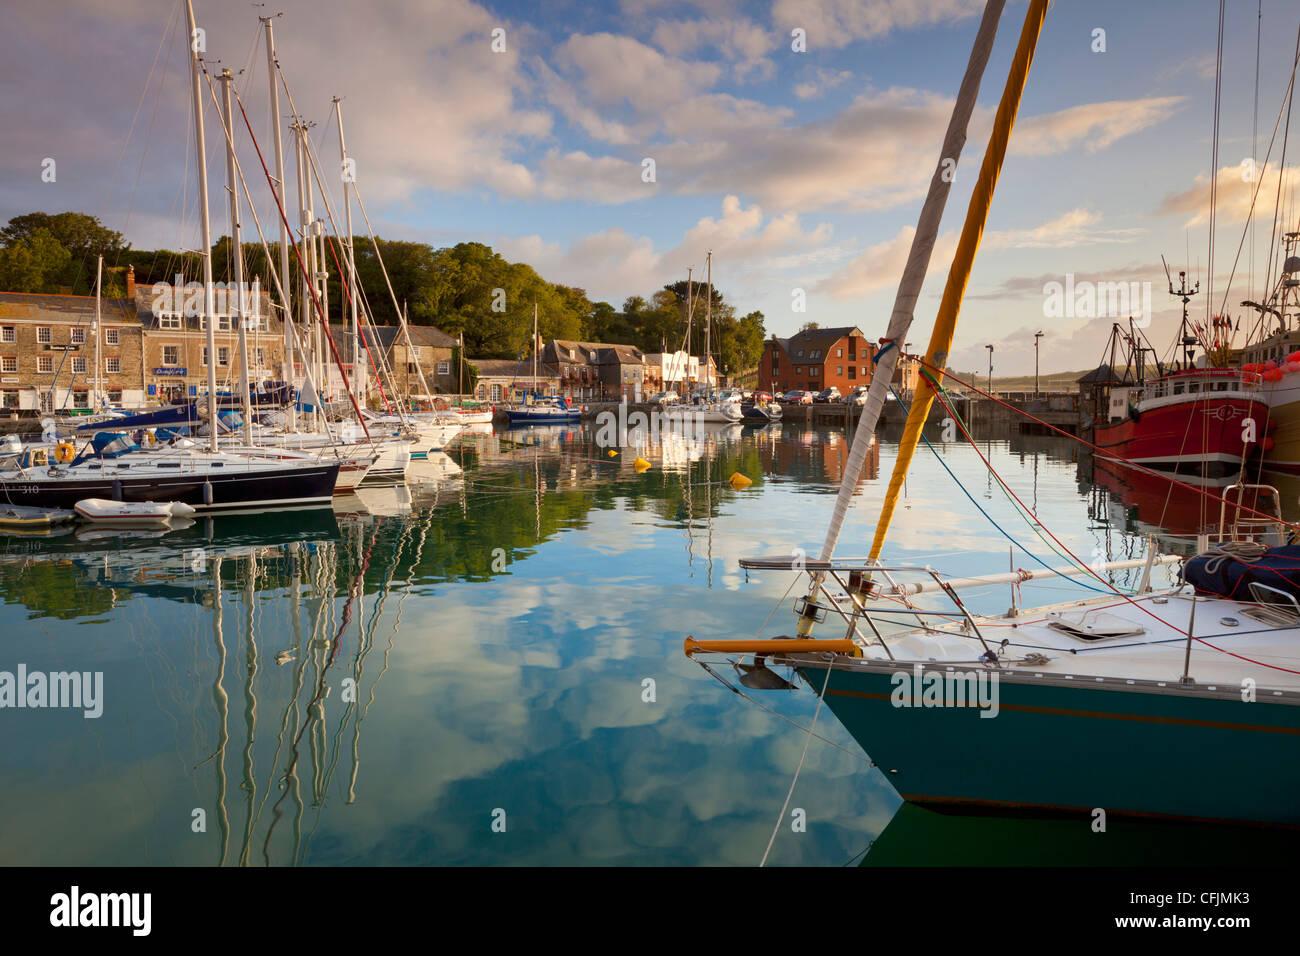 Bassa la luce del mattino e yacht a vela riflessioni a Padstow Harbour, Cornwall, England, Regno Unito, Europa Immagini Stock